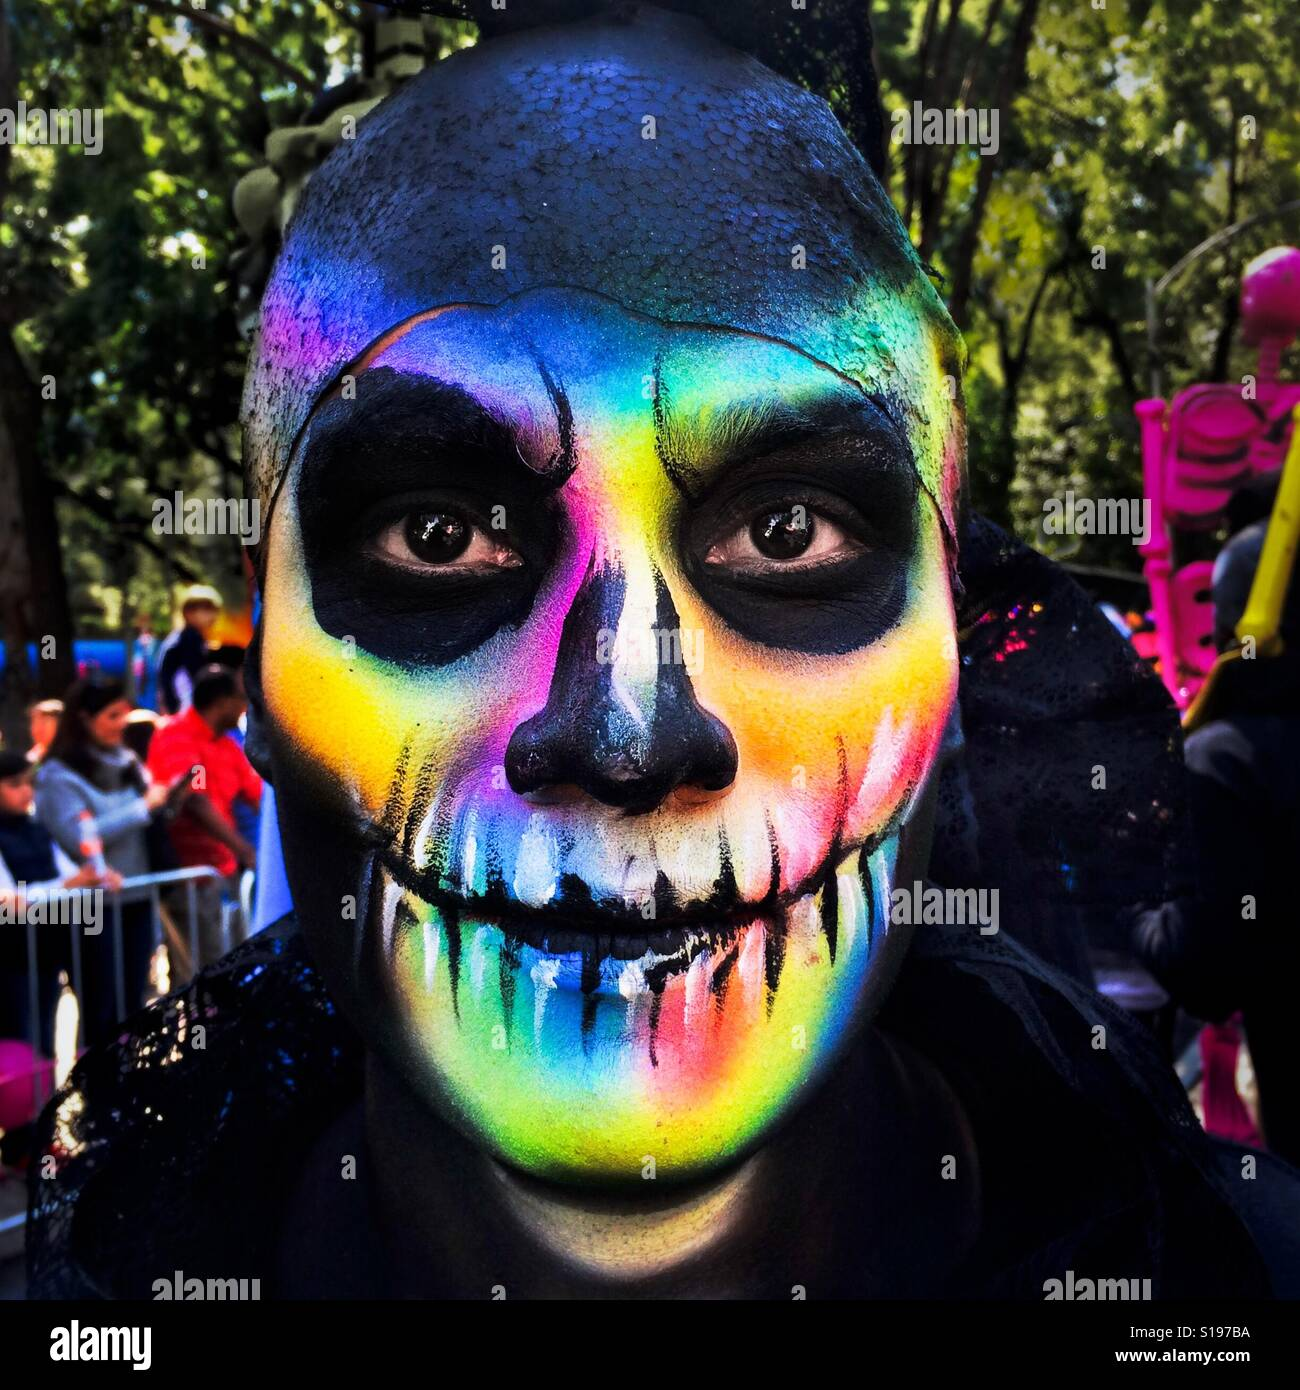 Un giovane uomo, rappresentando un messicano icona culturale chiamato La Catrina, prende parte alle celebrazioni Foto Stock